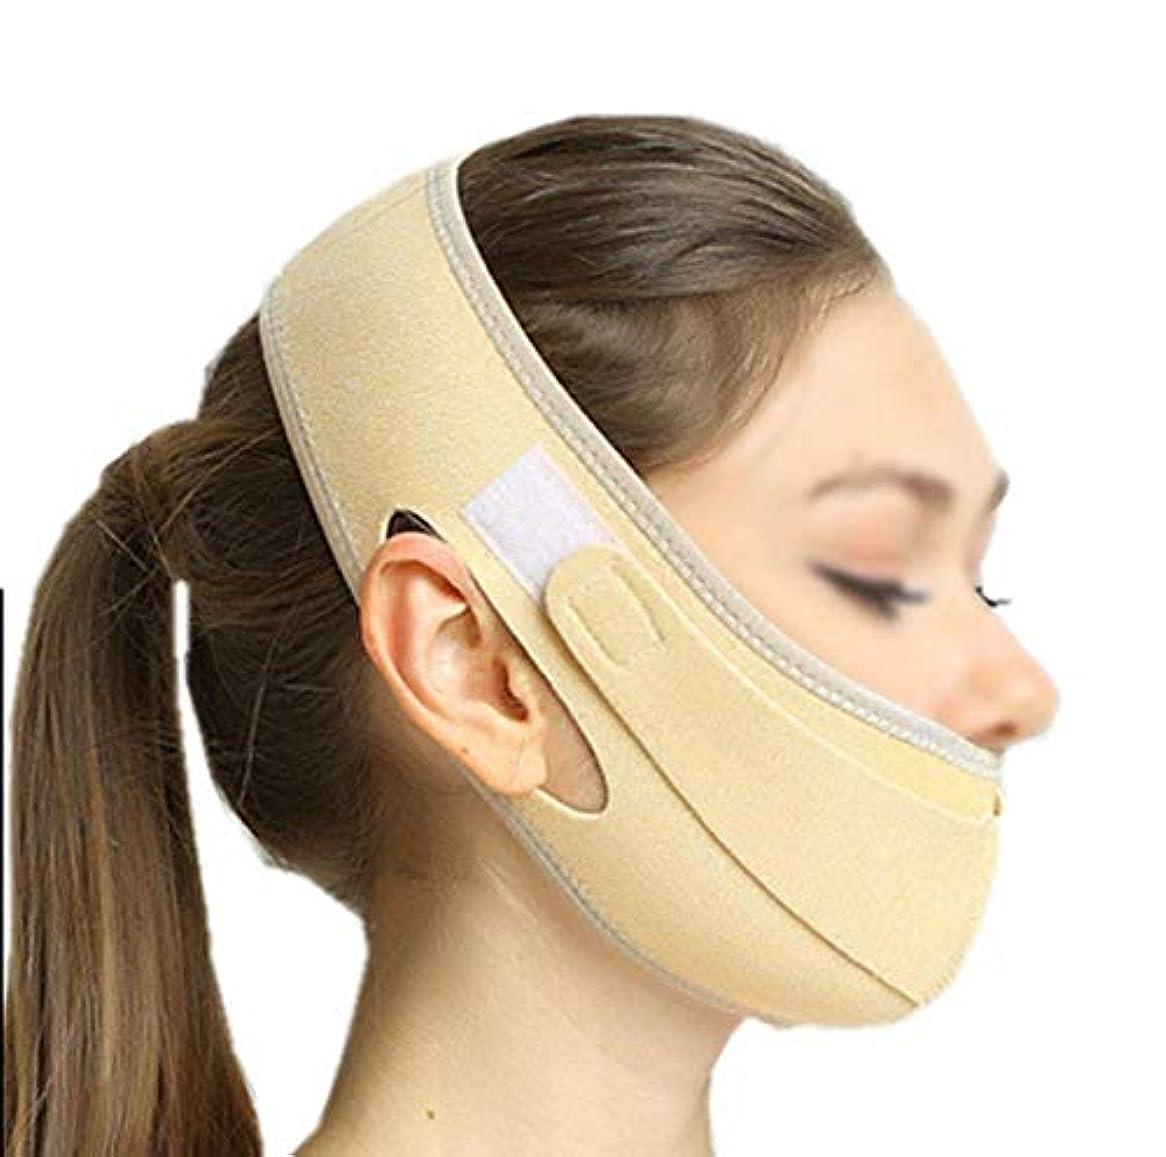 テナントまたね癌フェイスリフトマスク、コスメティックリカバリーマスク、薄いダブルチンリフティングスキンで小さなVフェイスバンデージを作成